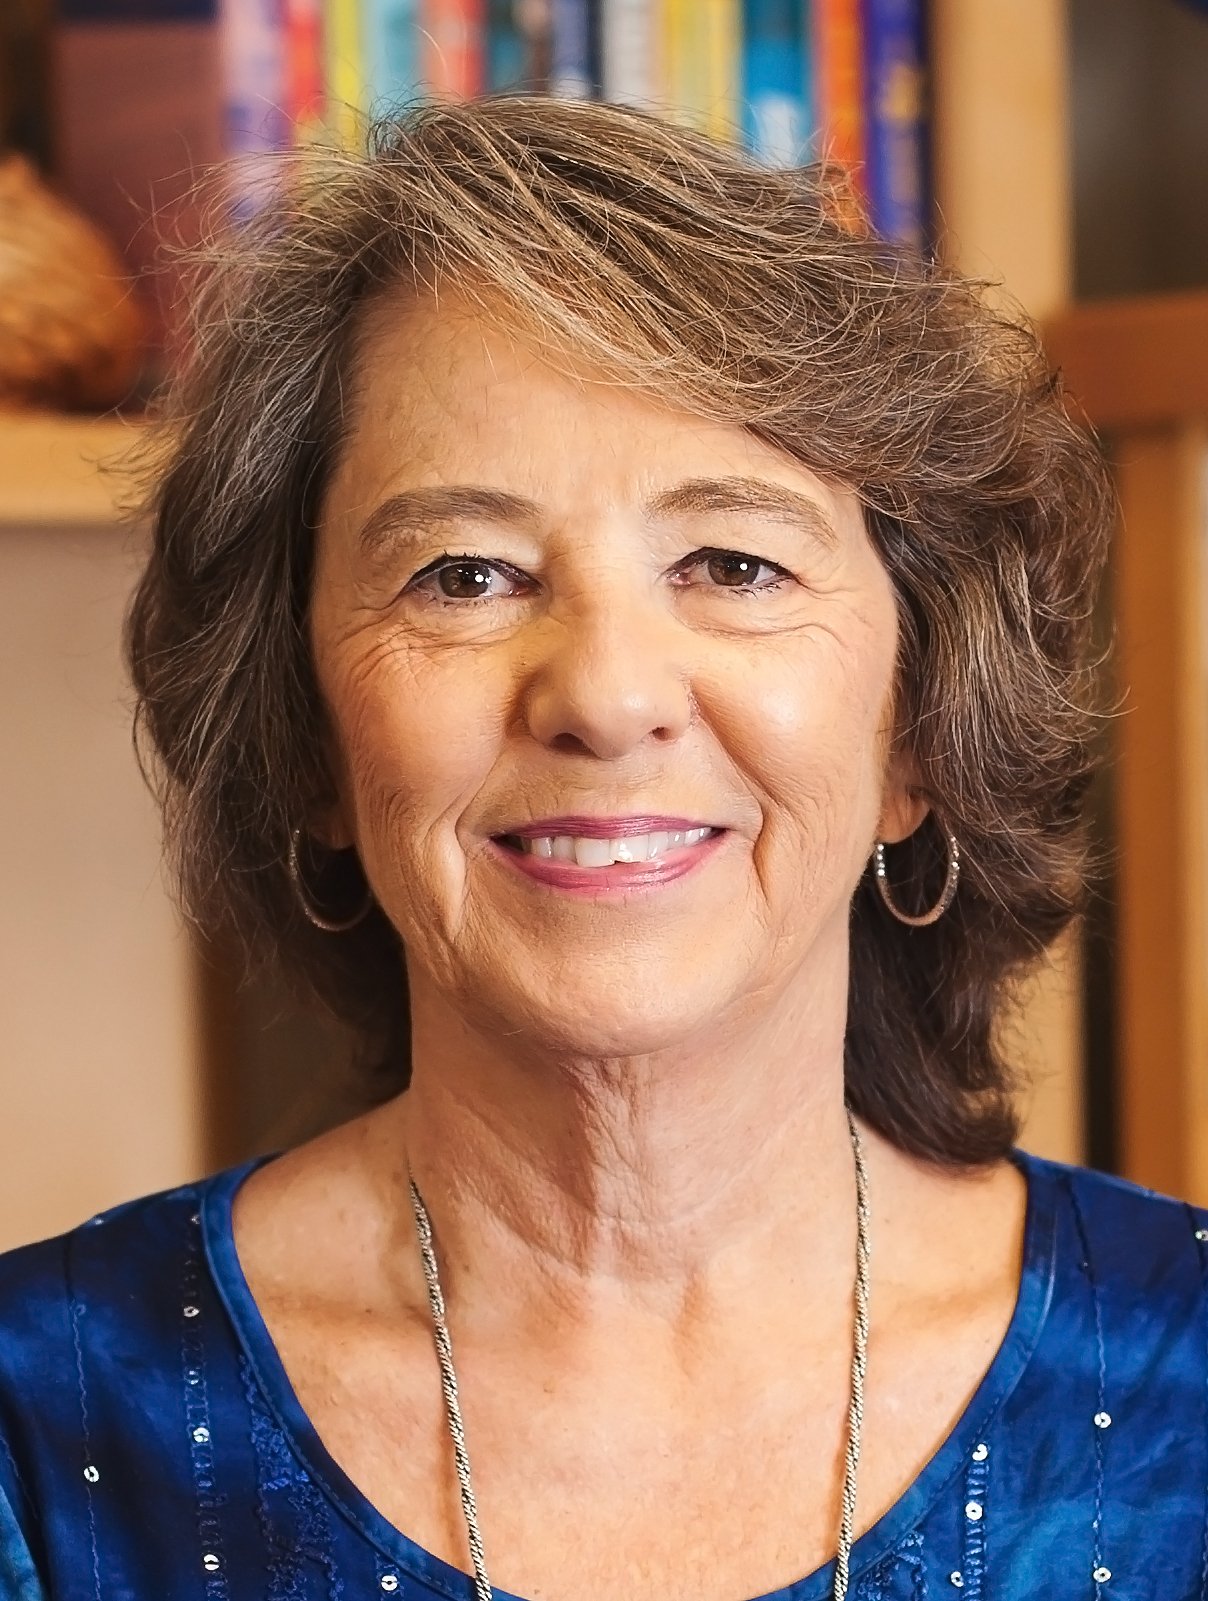 Marlena Jones